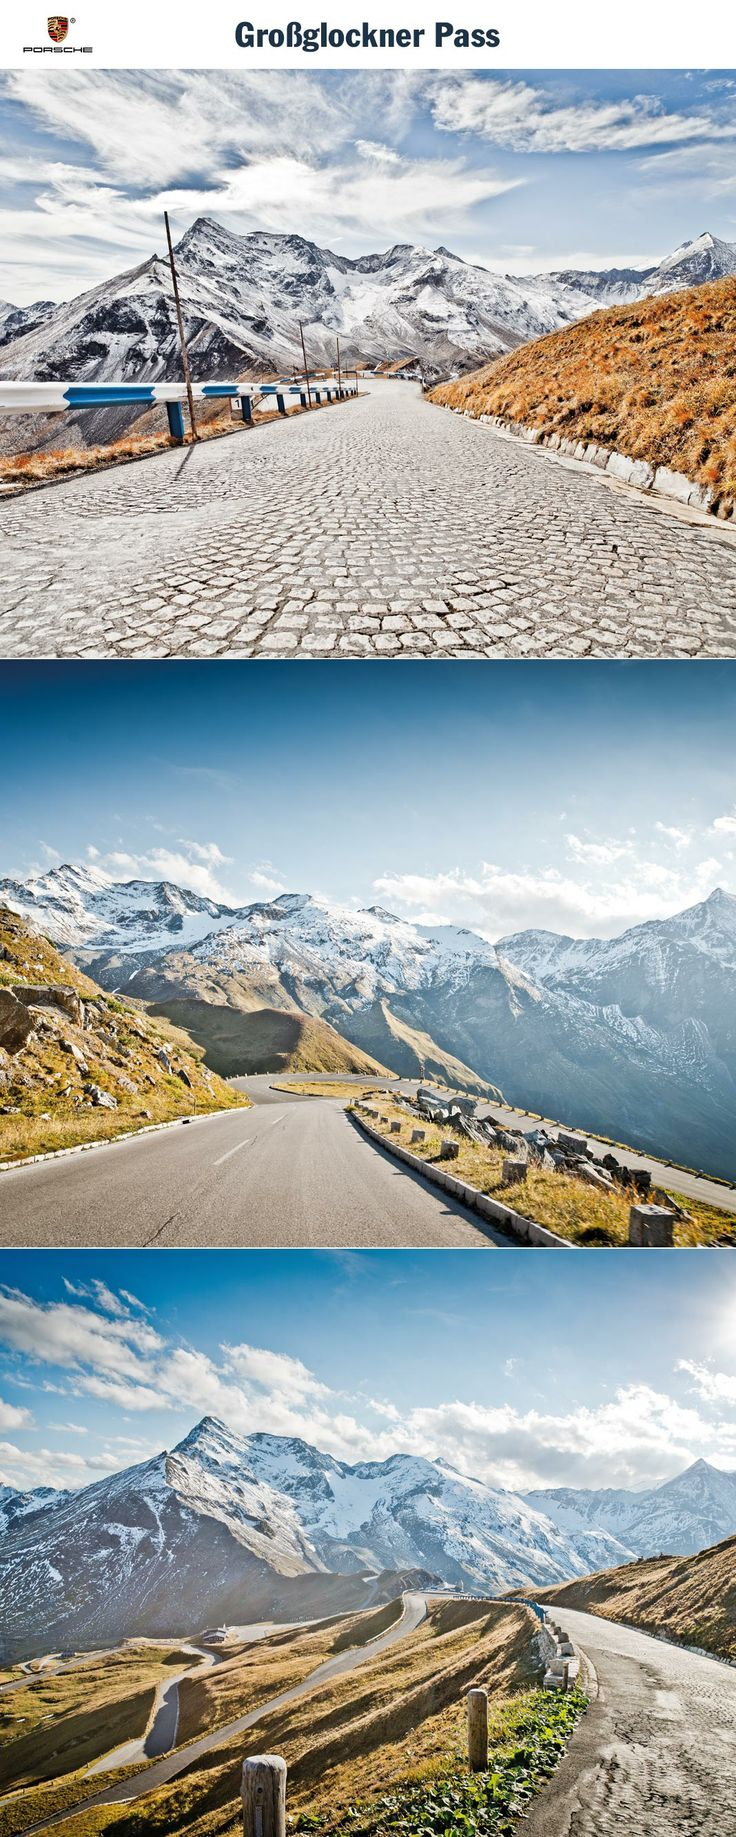 Großglockner Pass, Österreich